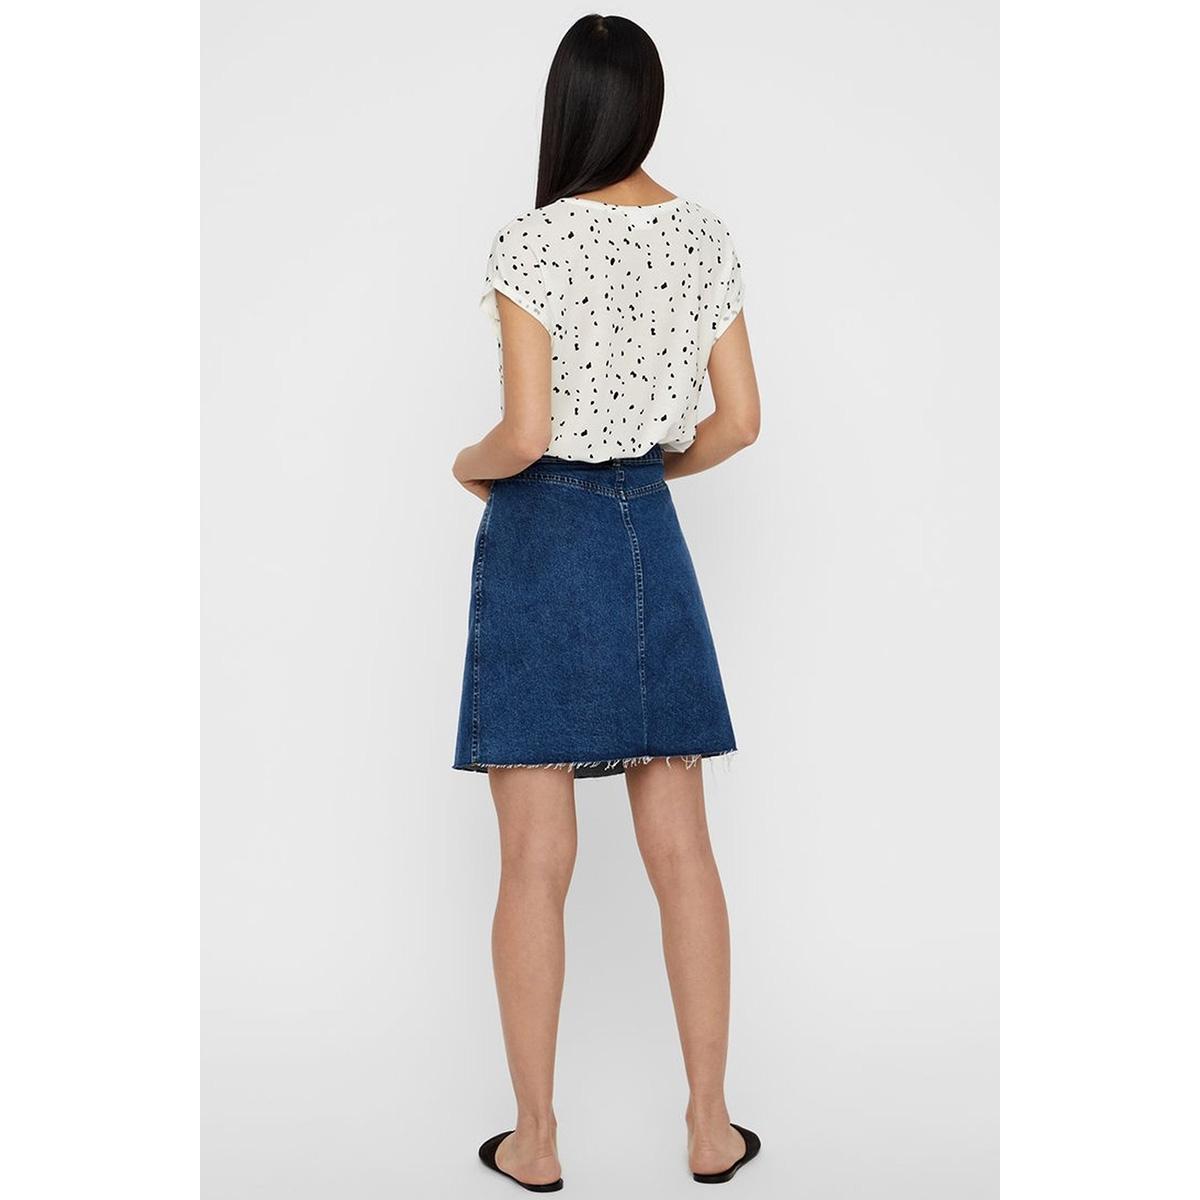 vmava plain ss top aop ga color 10211314 vero moda t-shirt snow white/coll 4 dot